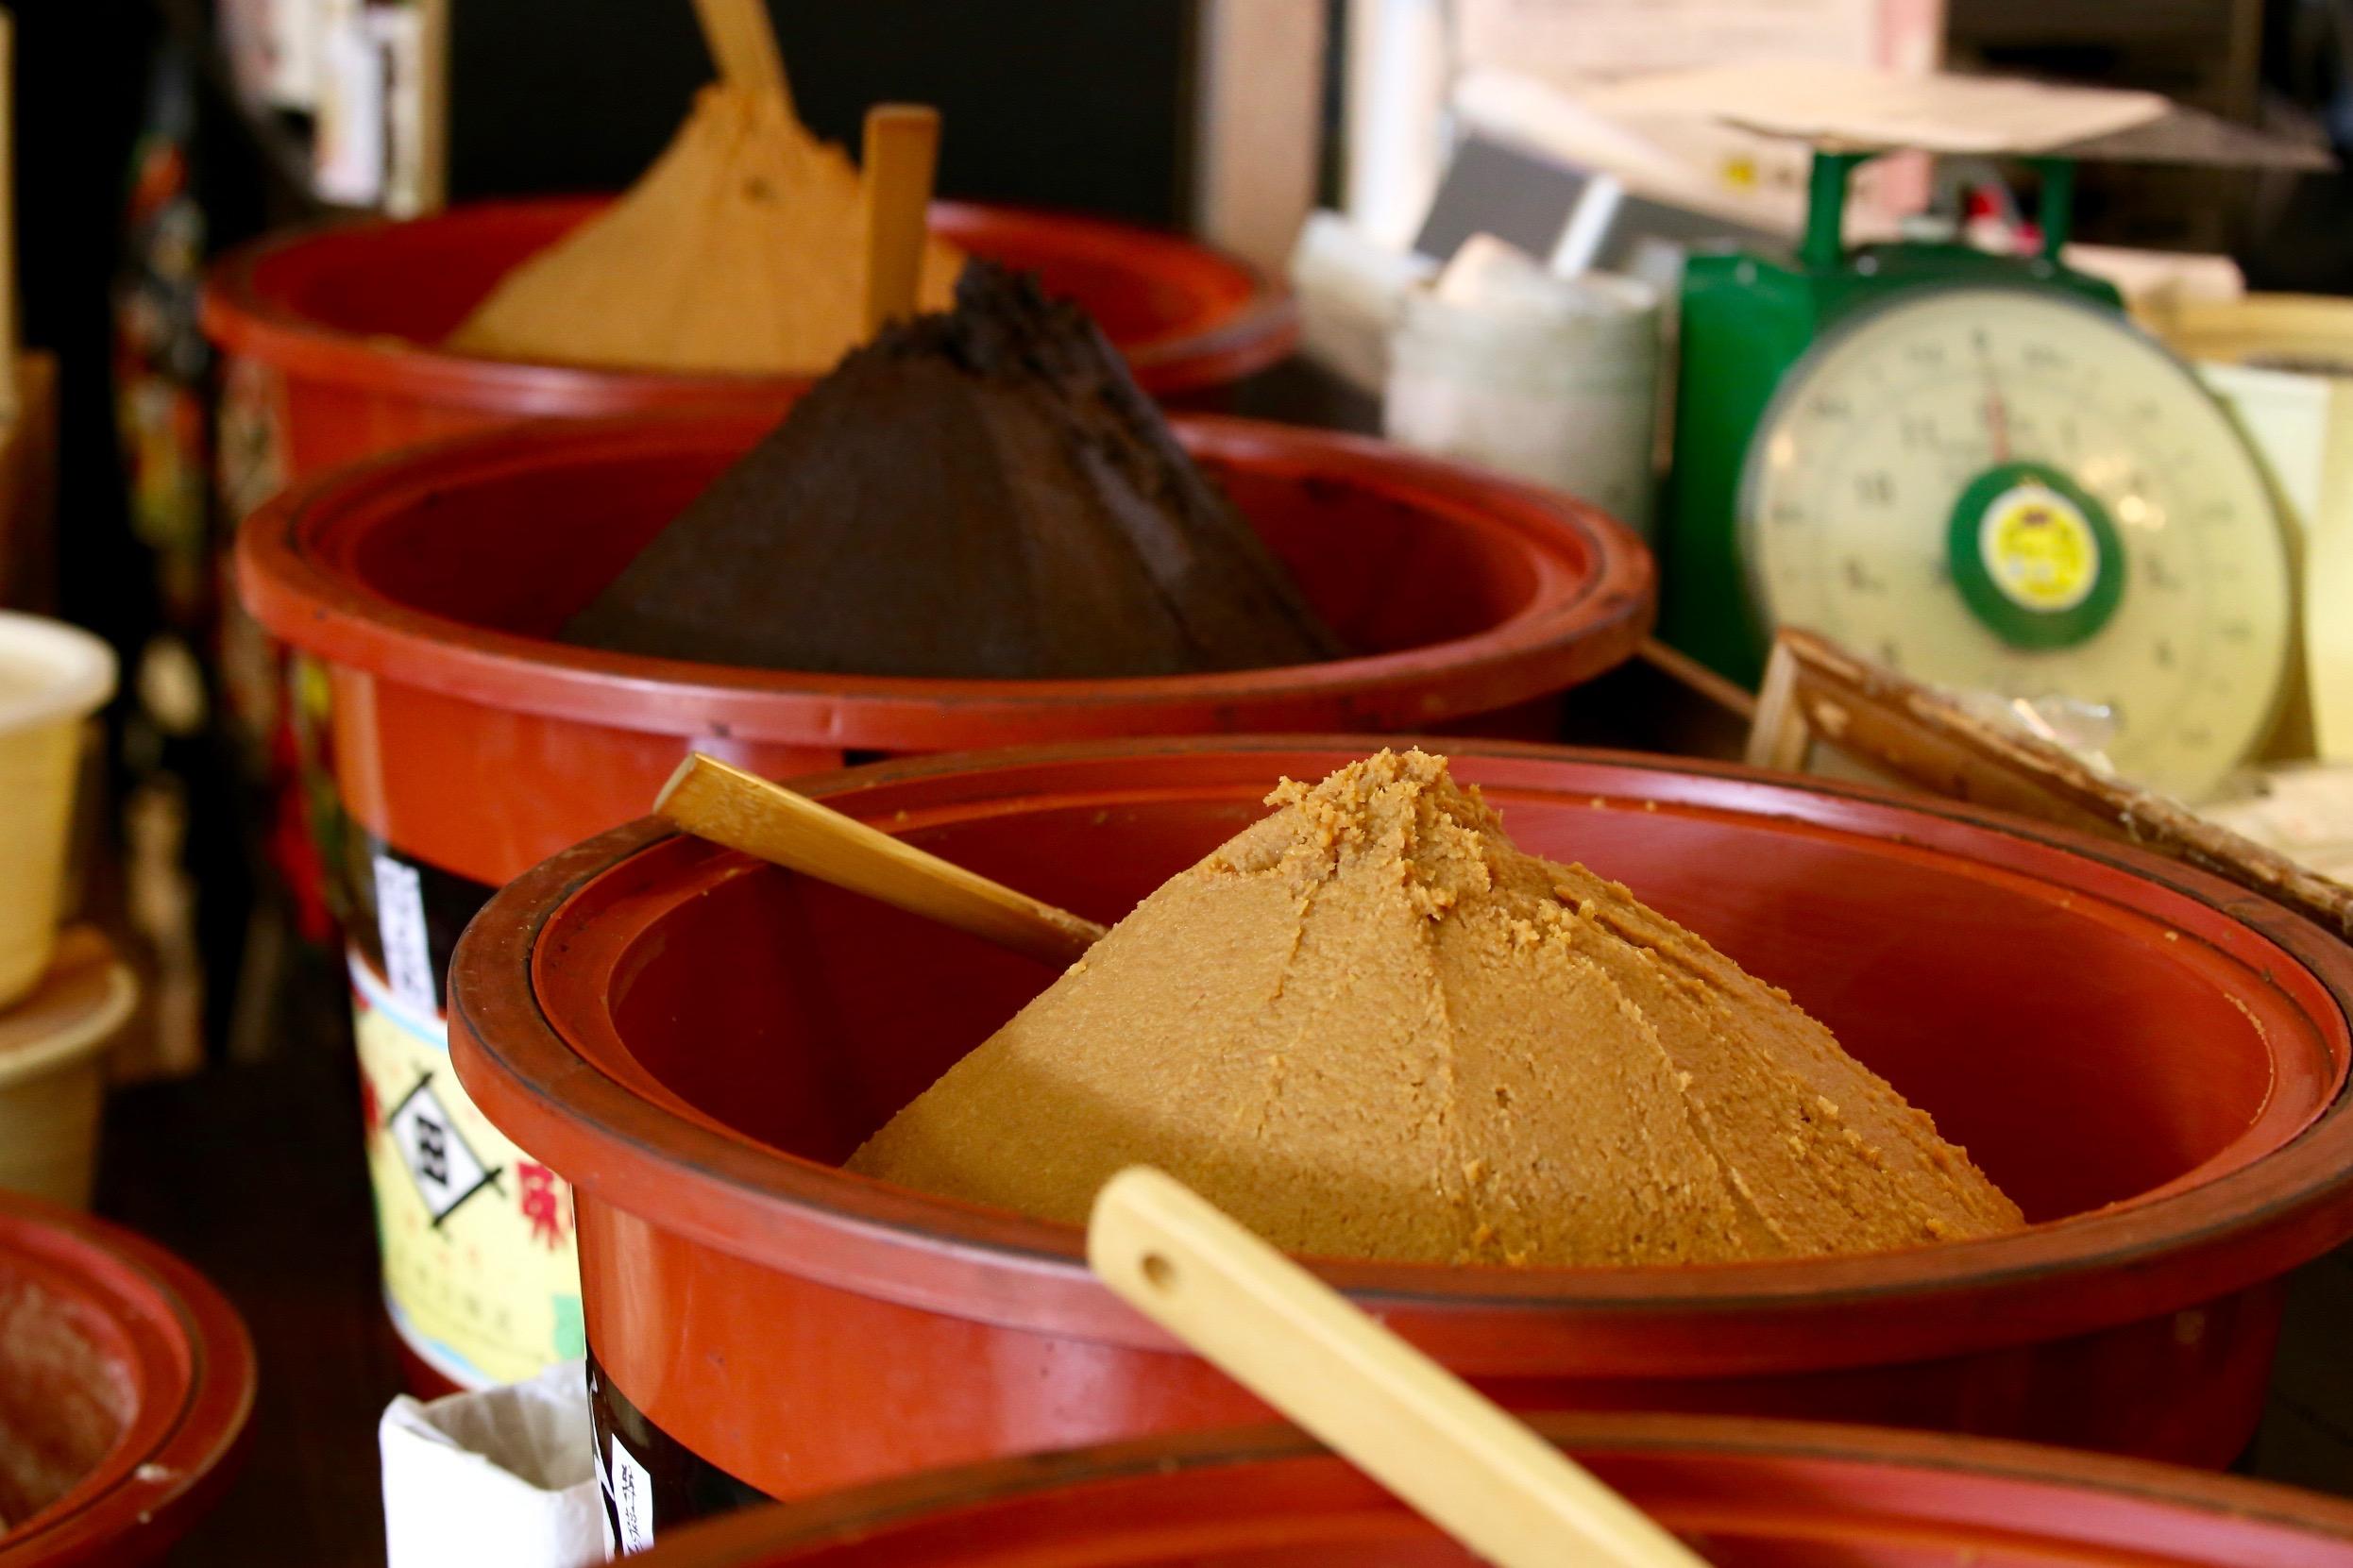 特典は、原商店での信州味噌の試食と、ゆきねぇが作る糀甘酒のプレゼント